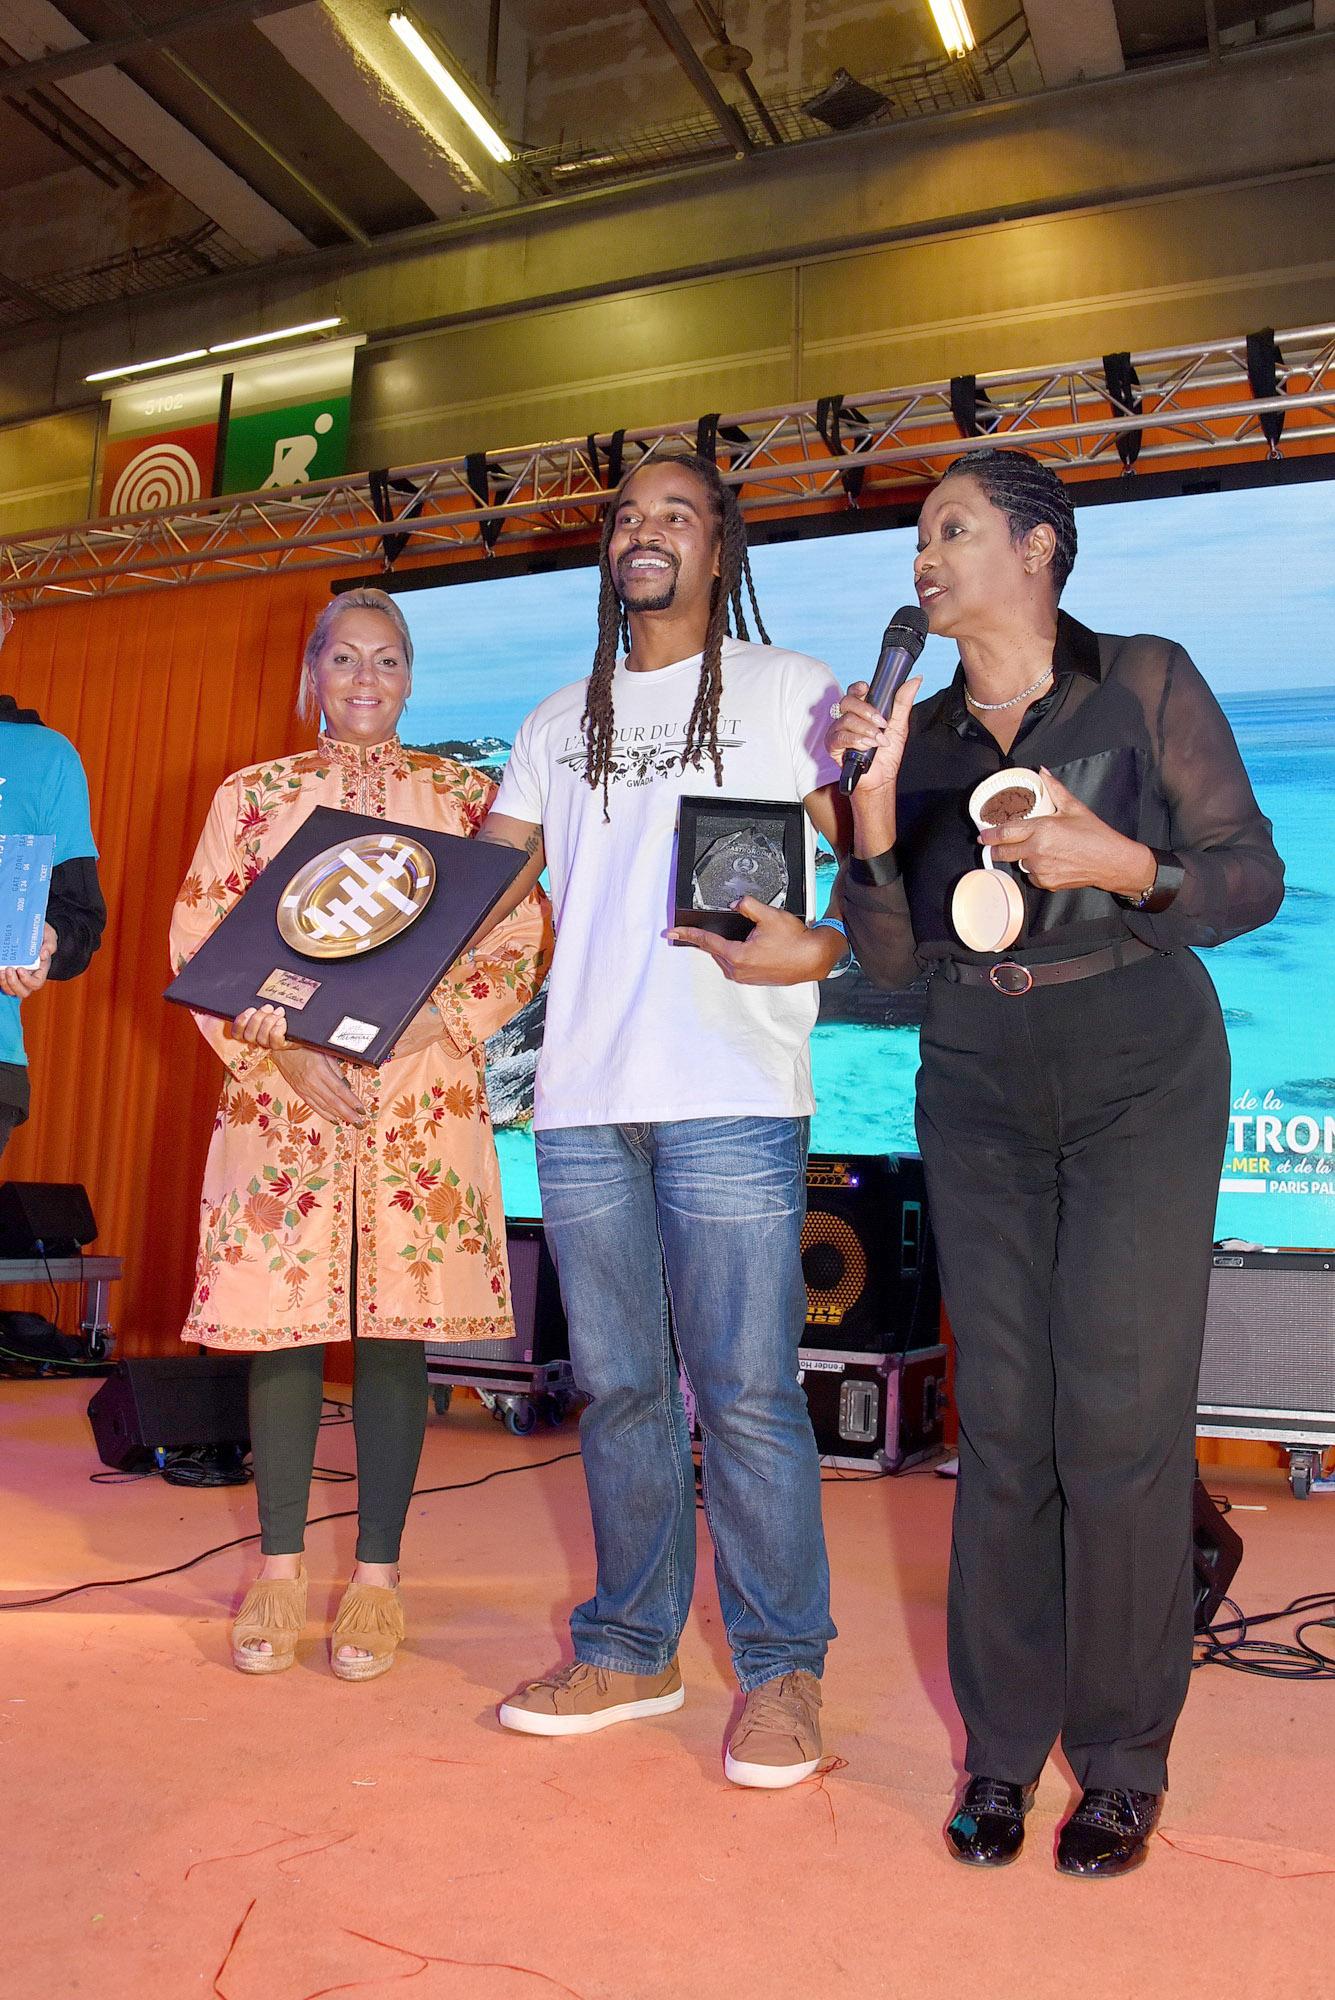 Remise du prix Coup de coeur de la presse avec un trophée créé par Hermine de Clermont-Tonnerre